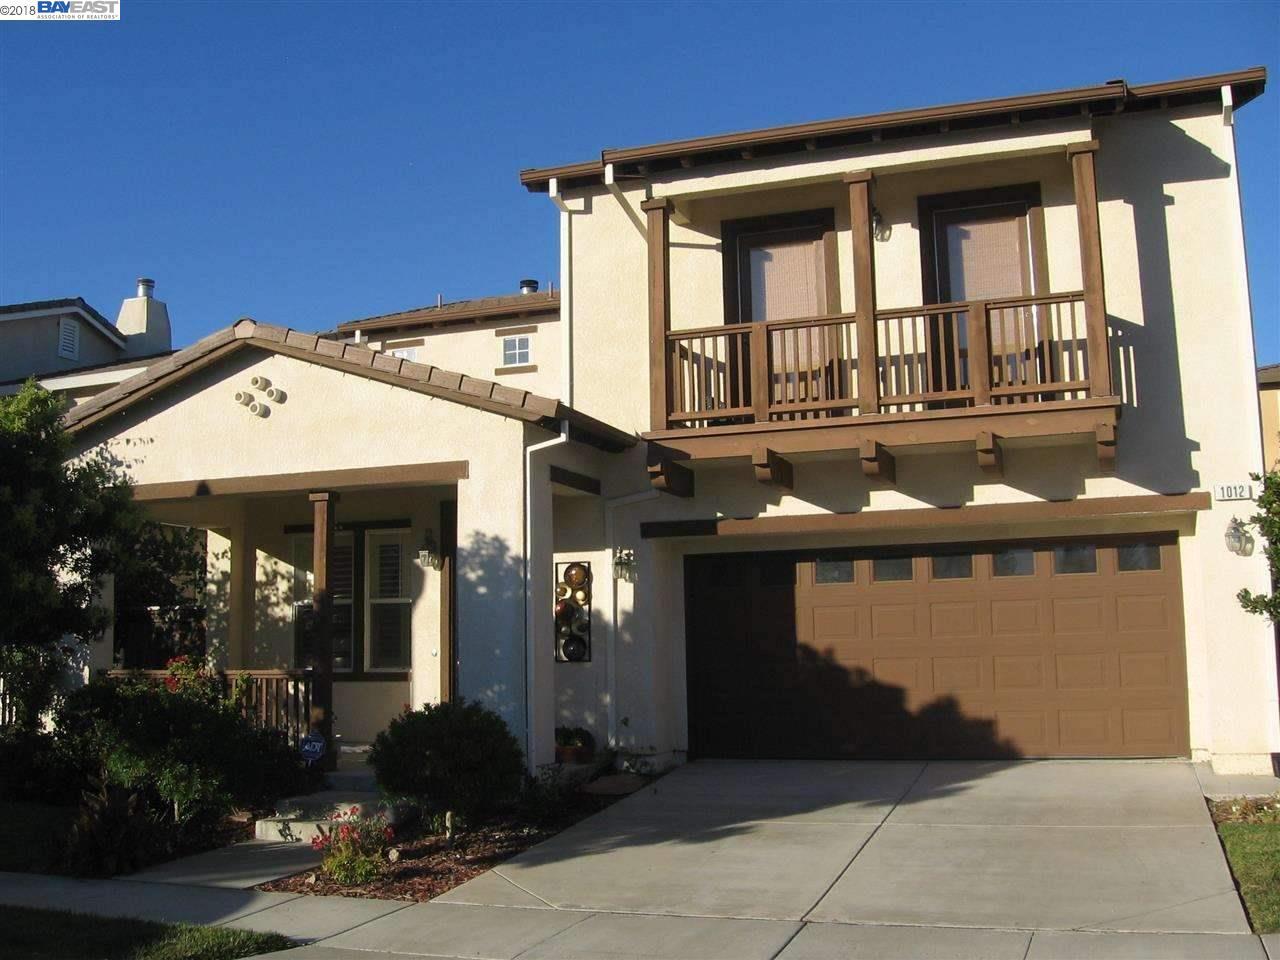 واحد منزل الأسرة للـ Sale في 1012 Shorebird Drive 1012 Shorebird Drive Hercules, California 94547 United States